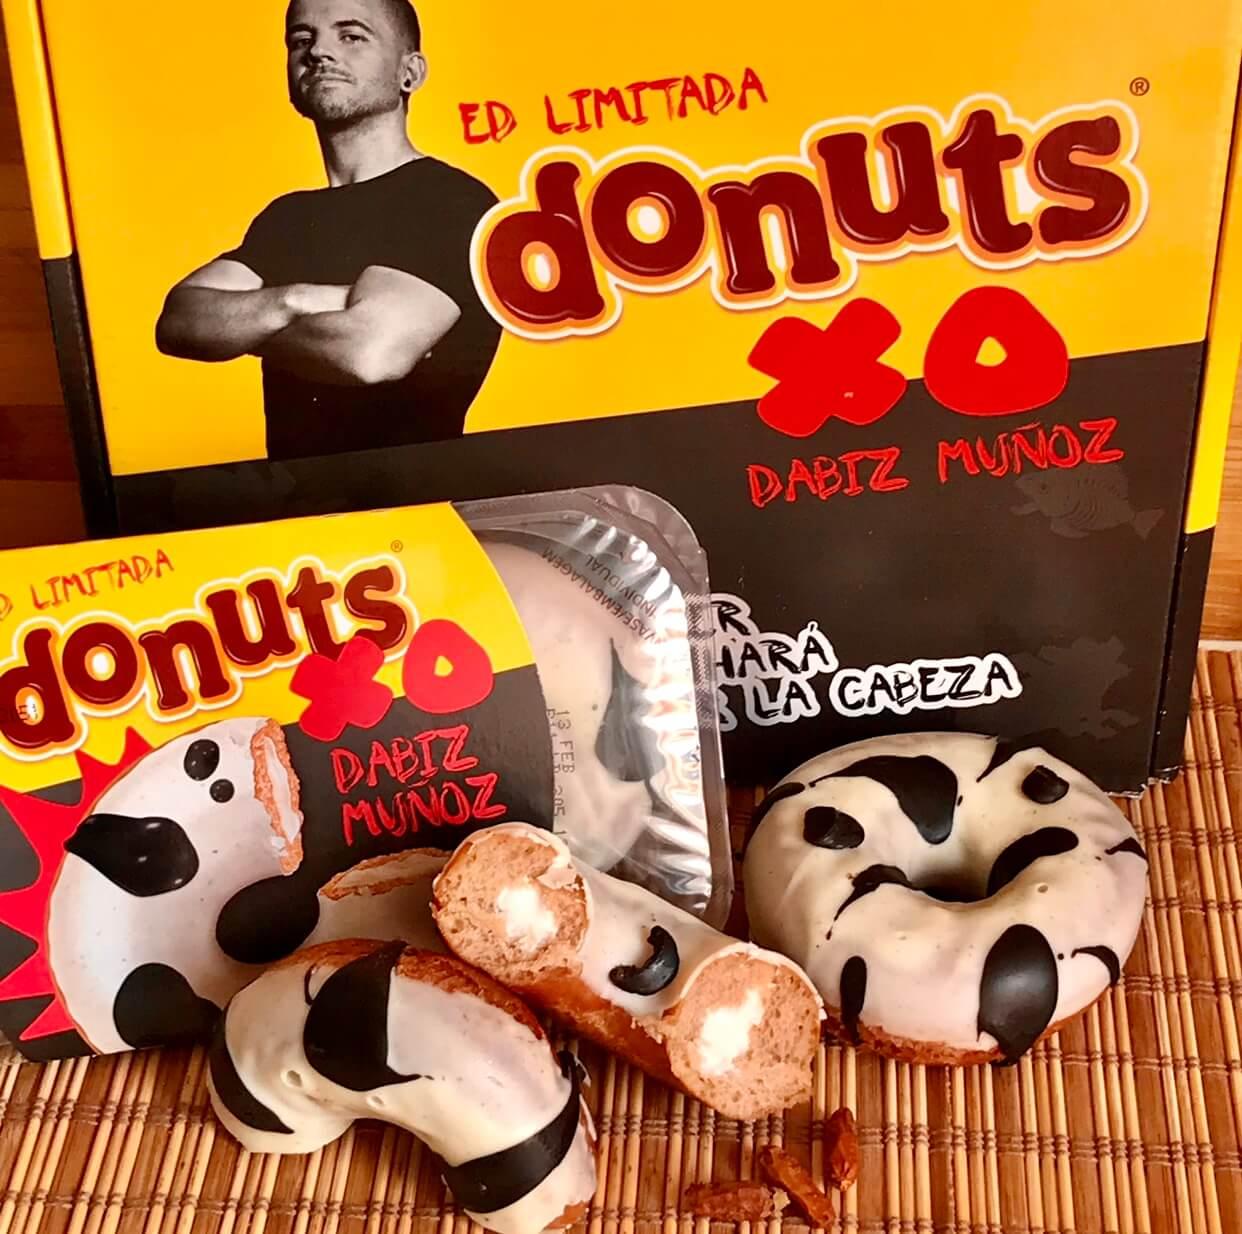 Donuts® XO by Dabiz Muñoz